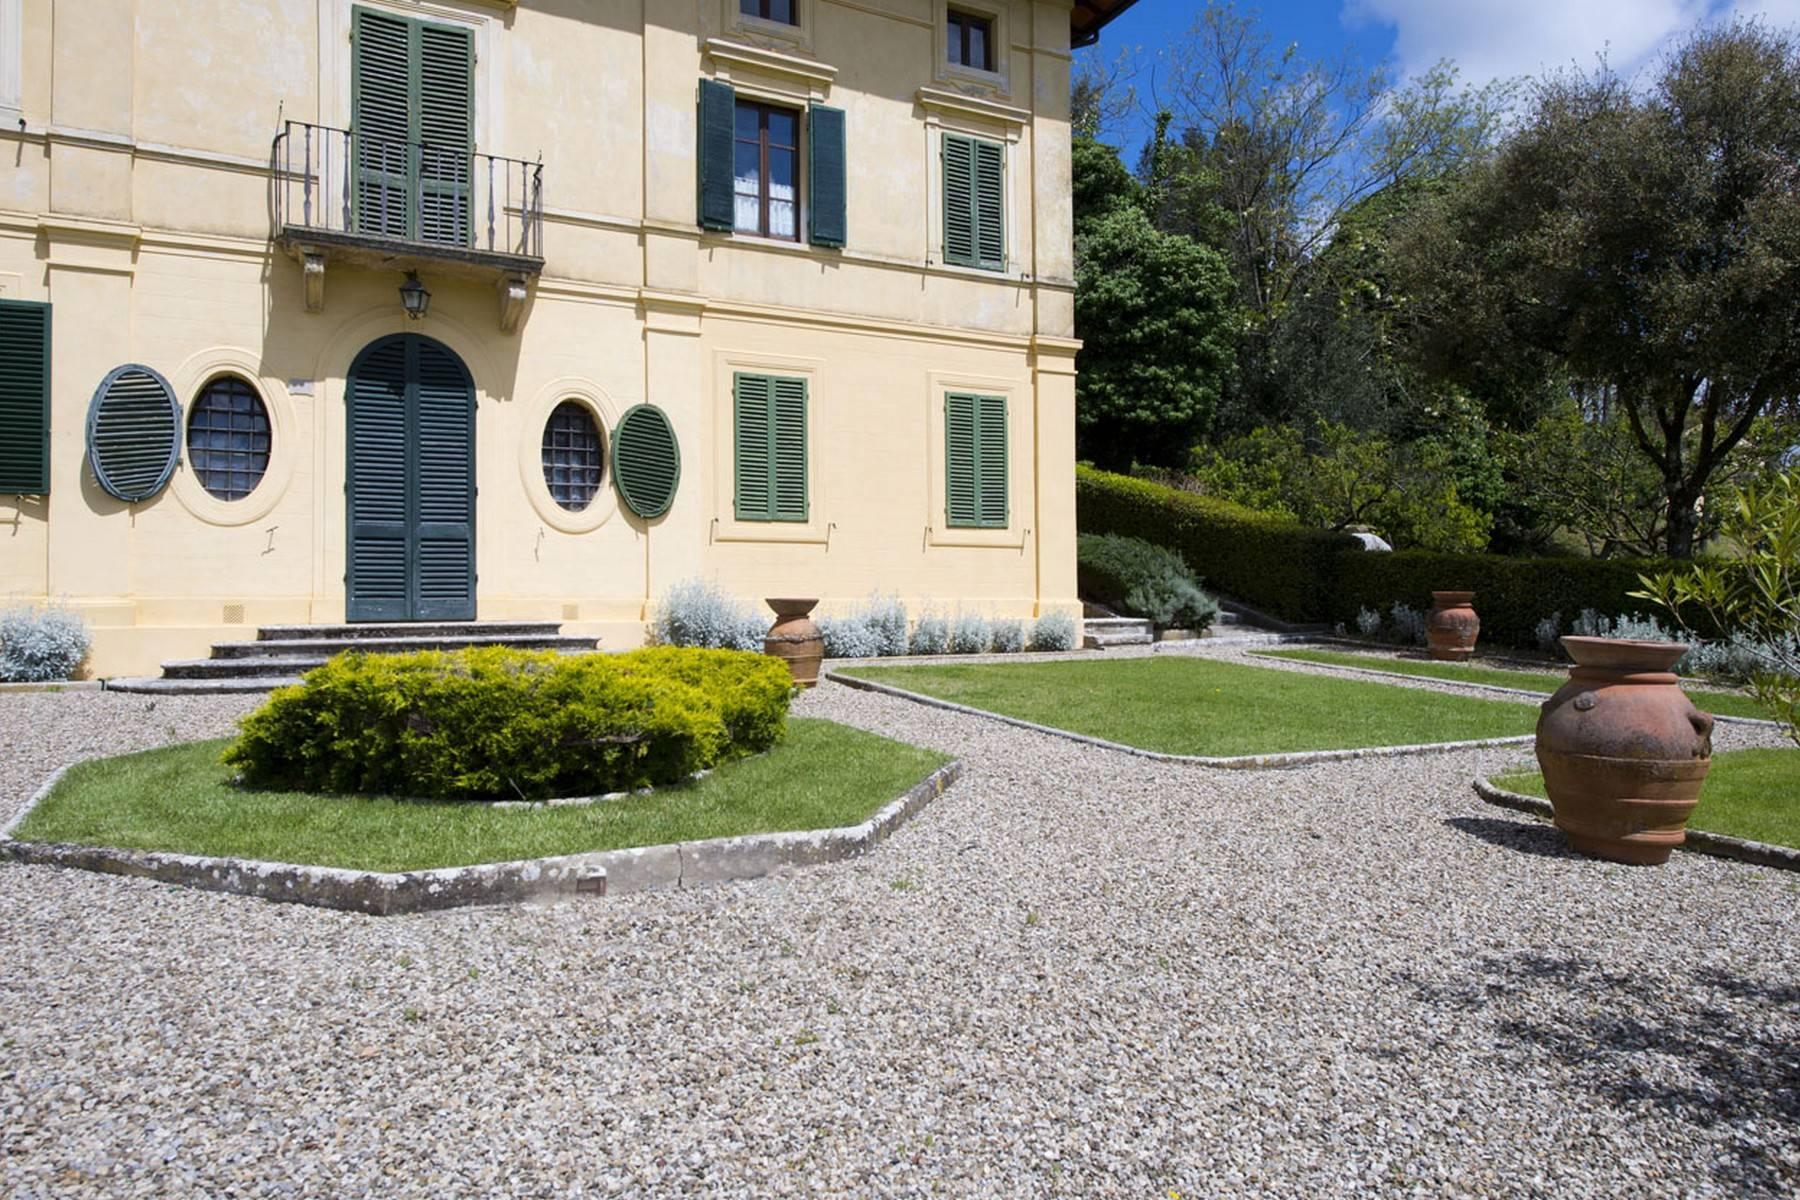 Villa aristocratique à vendre sur les collines de Sienne - 3